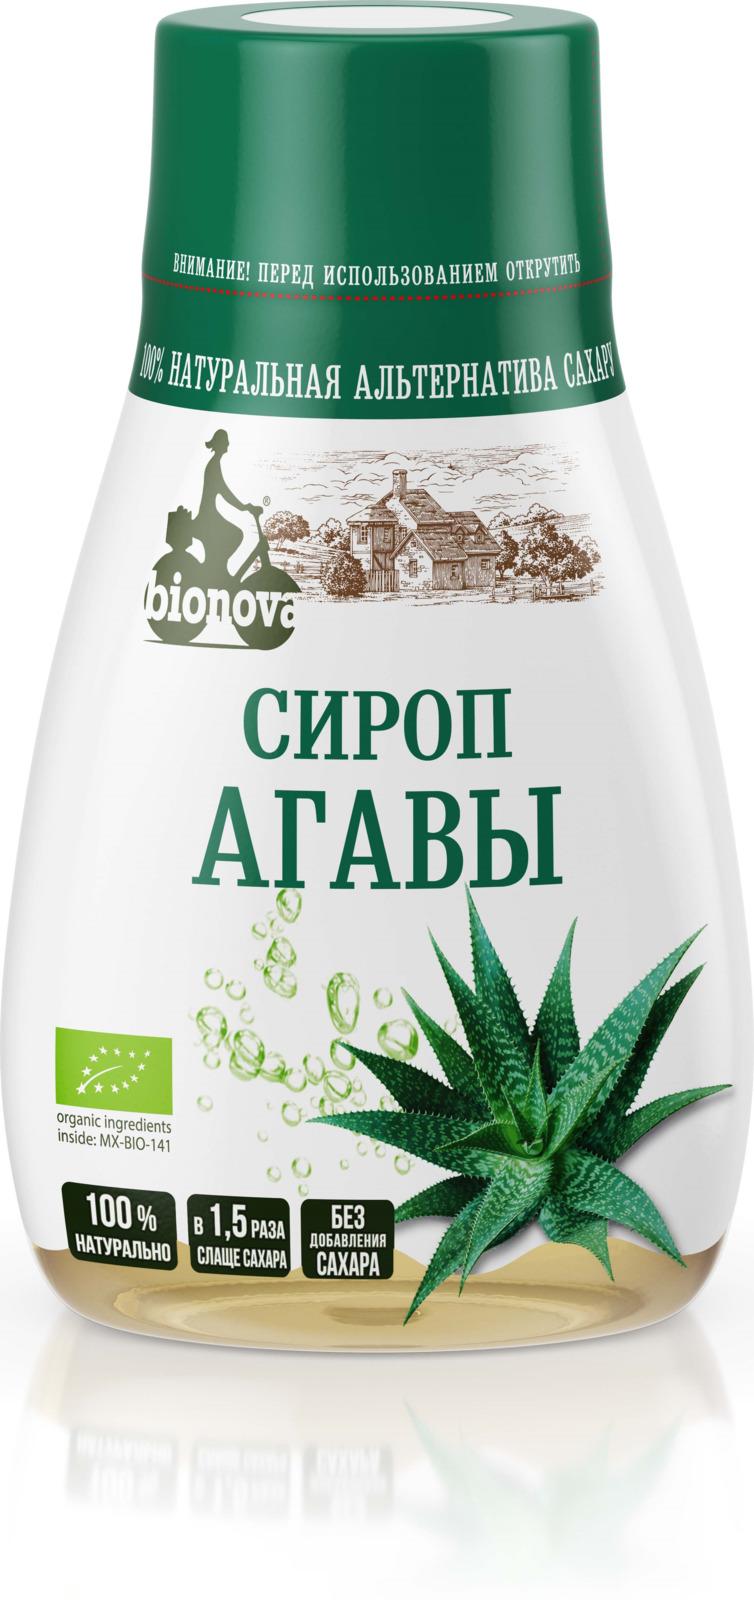 Сахарозаменитель Bionova Органический светлый сироп агавы, 230 г